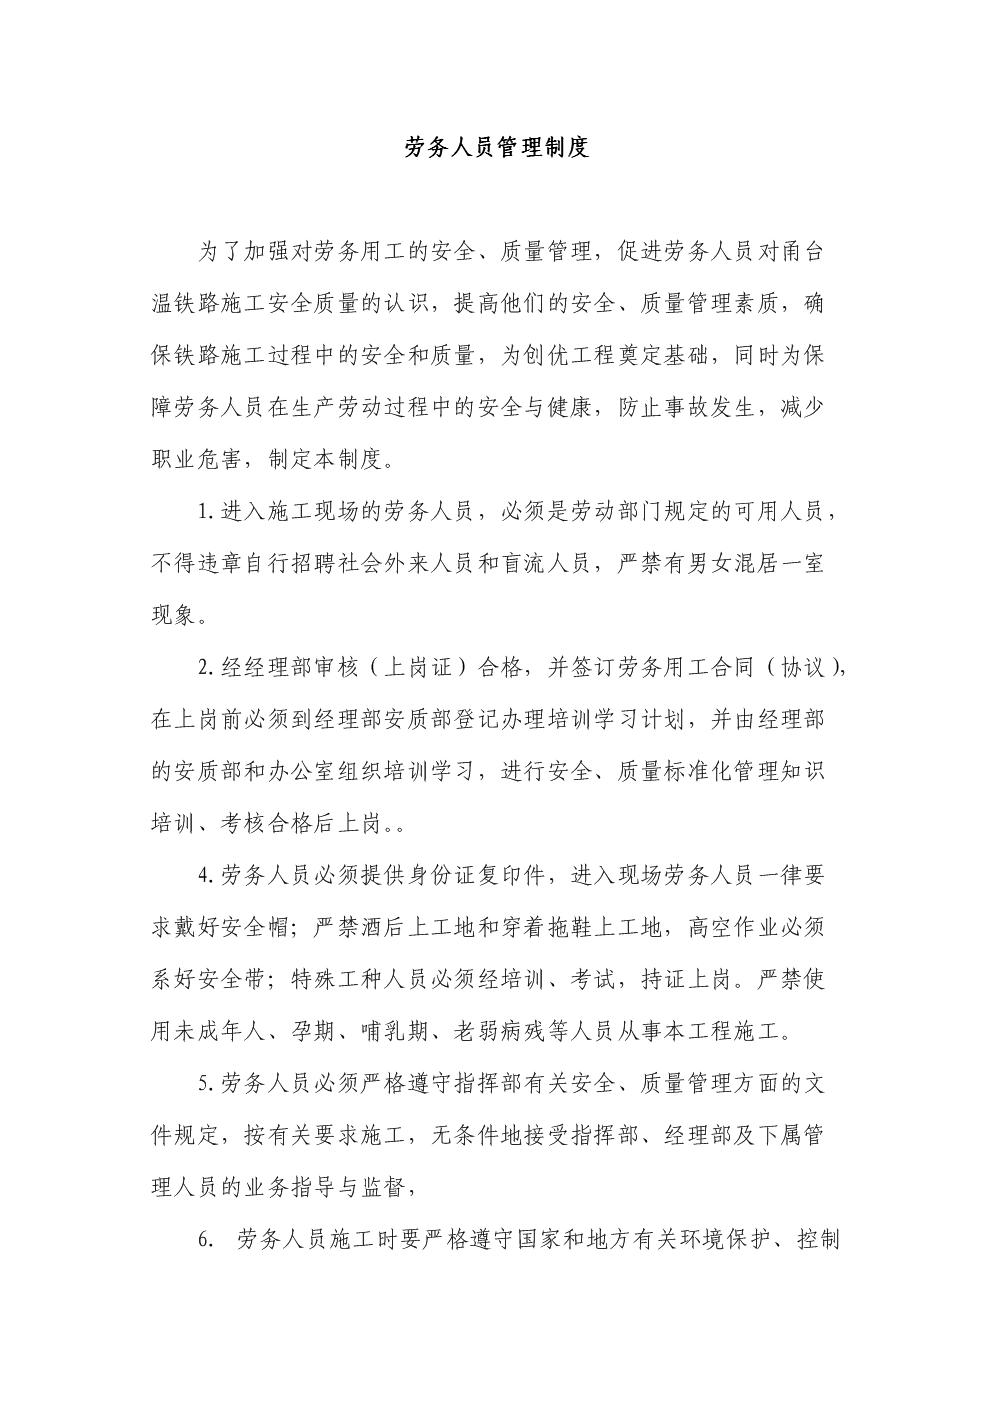 03劳务人员管理制度.doc